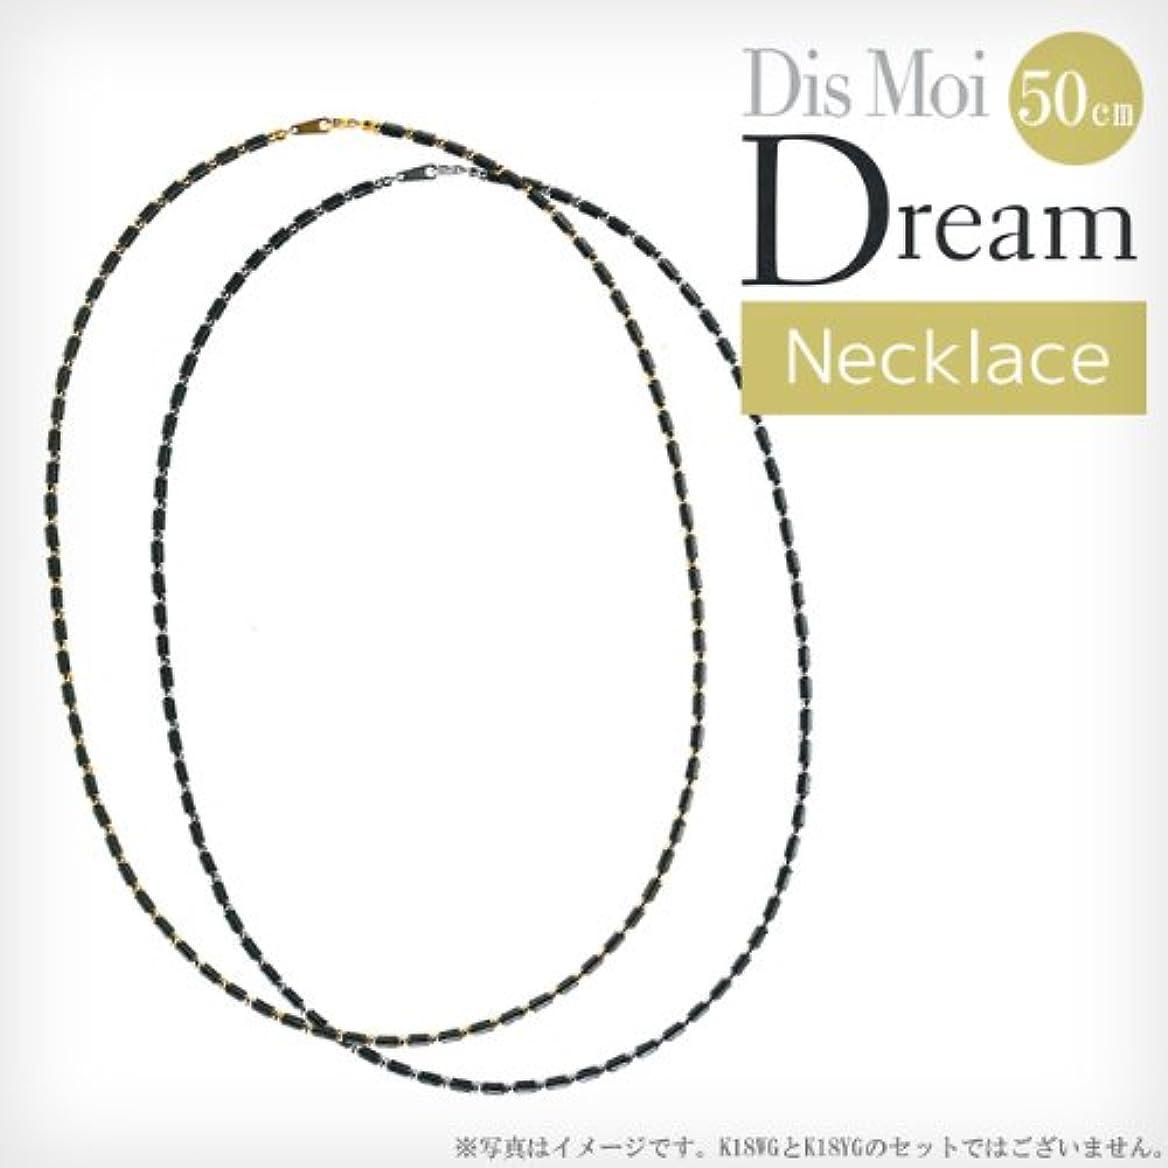 ありふれた屈辱する外側Dis Moi Dream ディモアドリーム  ネックレス50cm  【K18YG (イエローゴールド)】